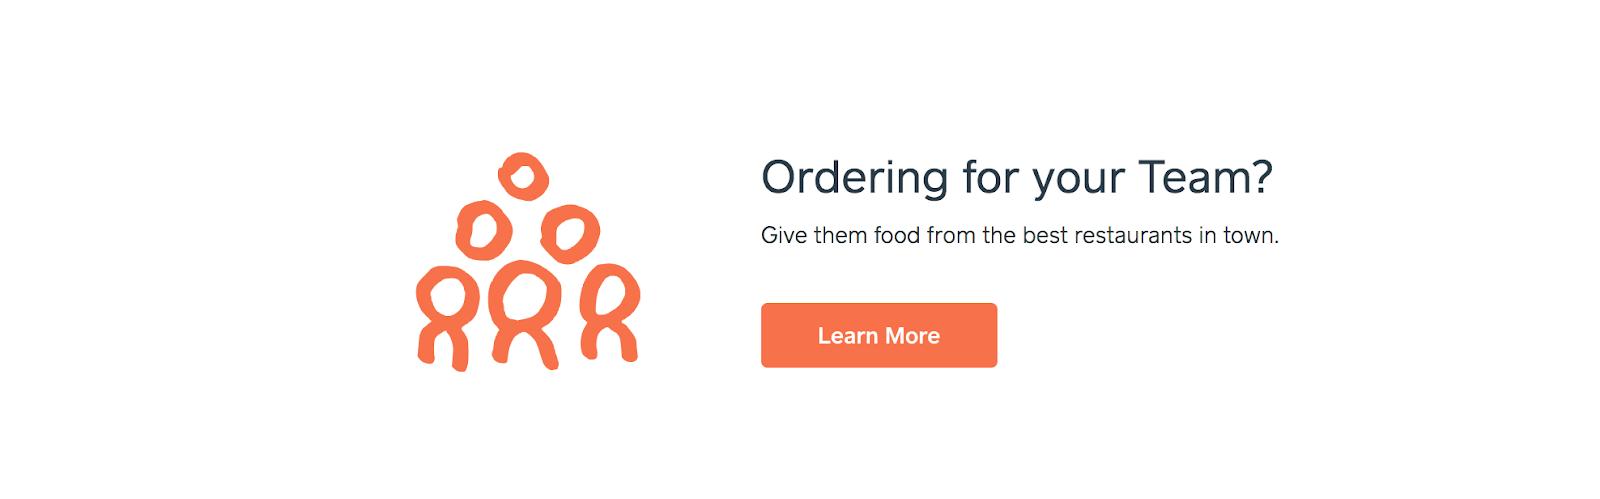 Trycaviar: la opción de pedir un equipo de negocios en el sitio